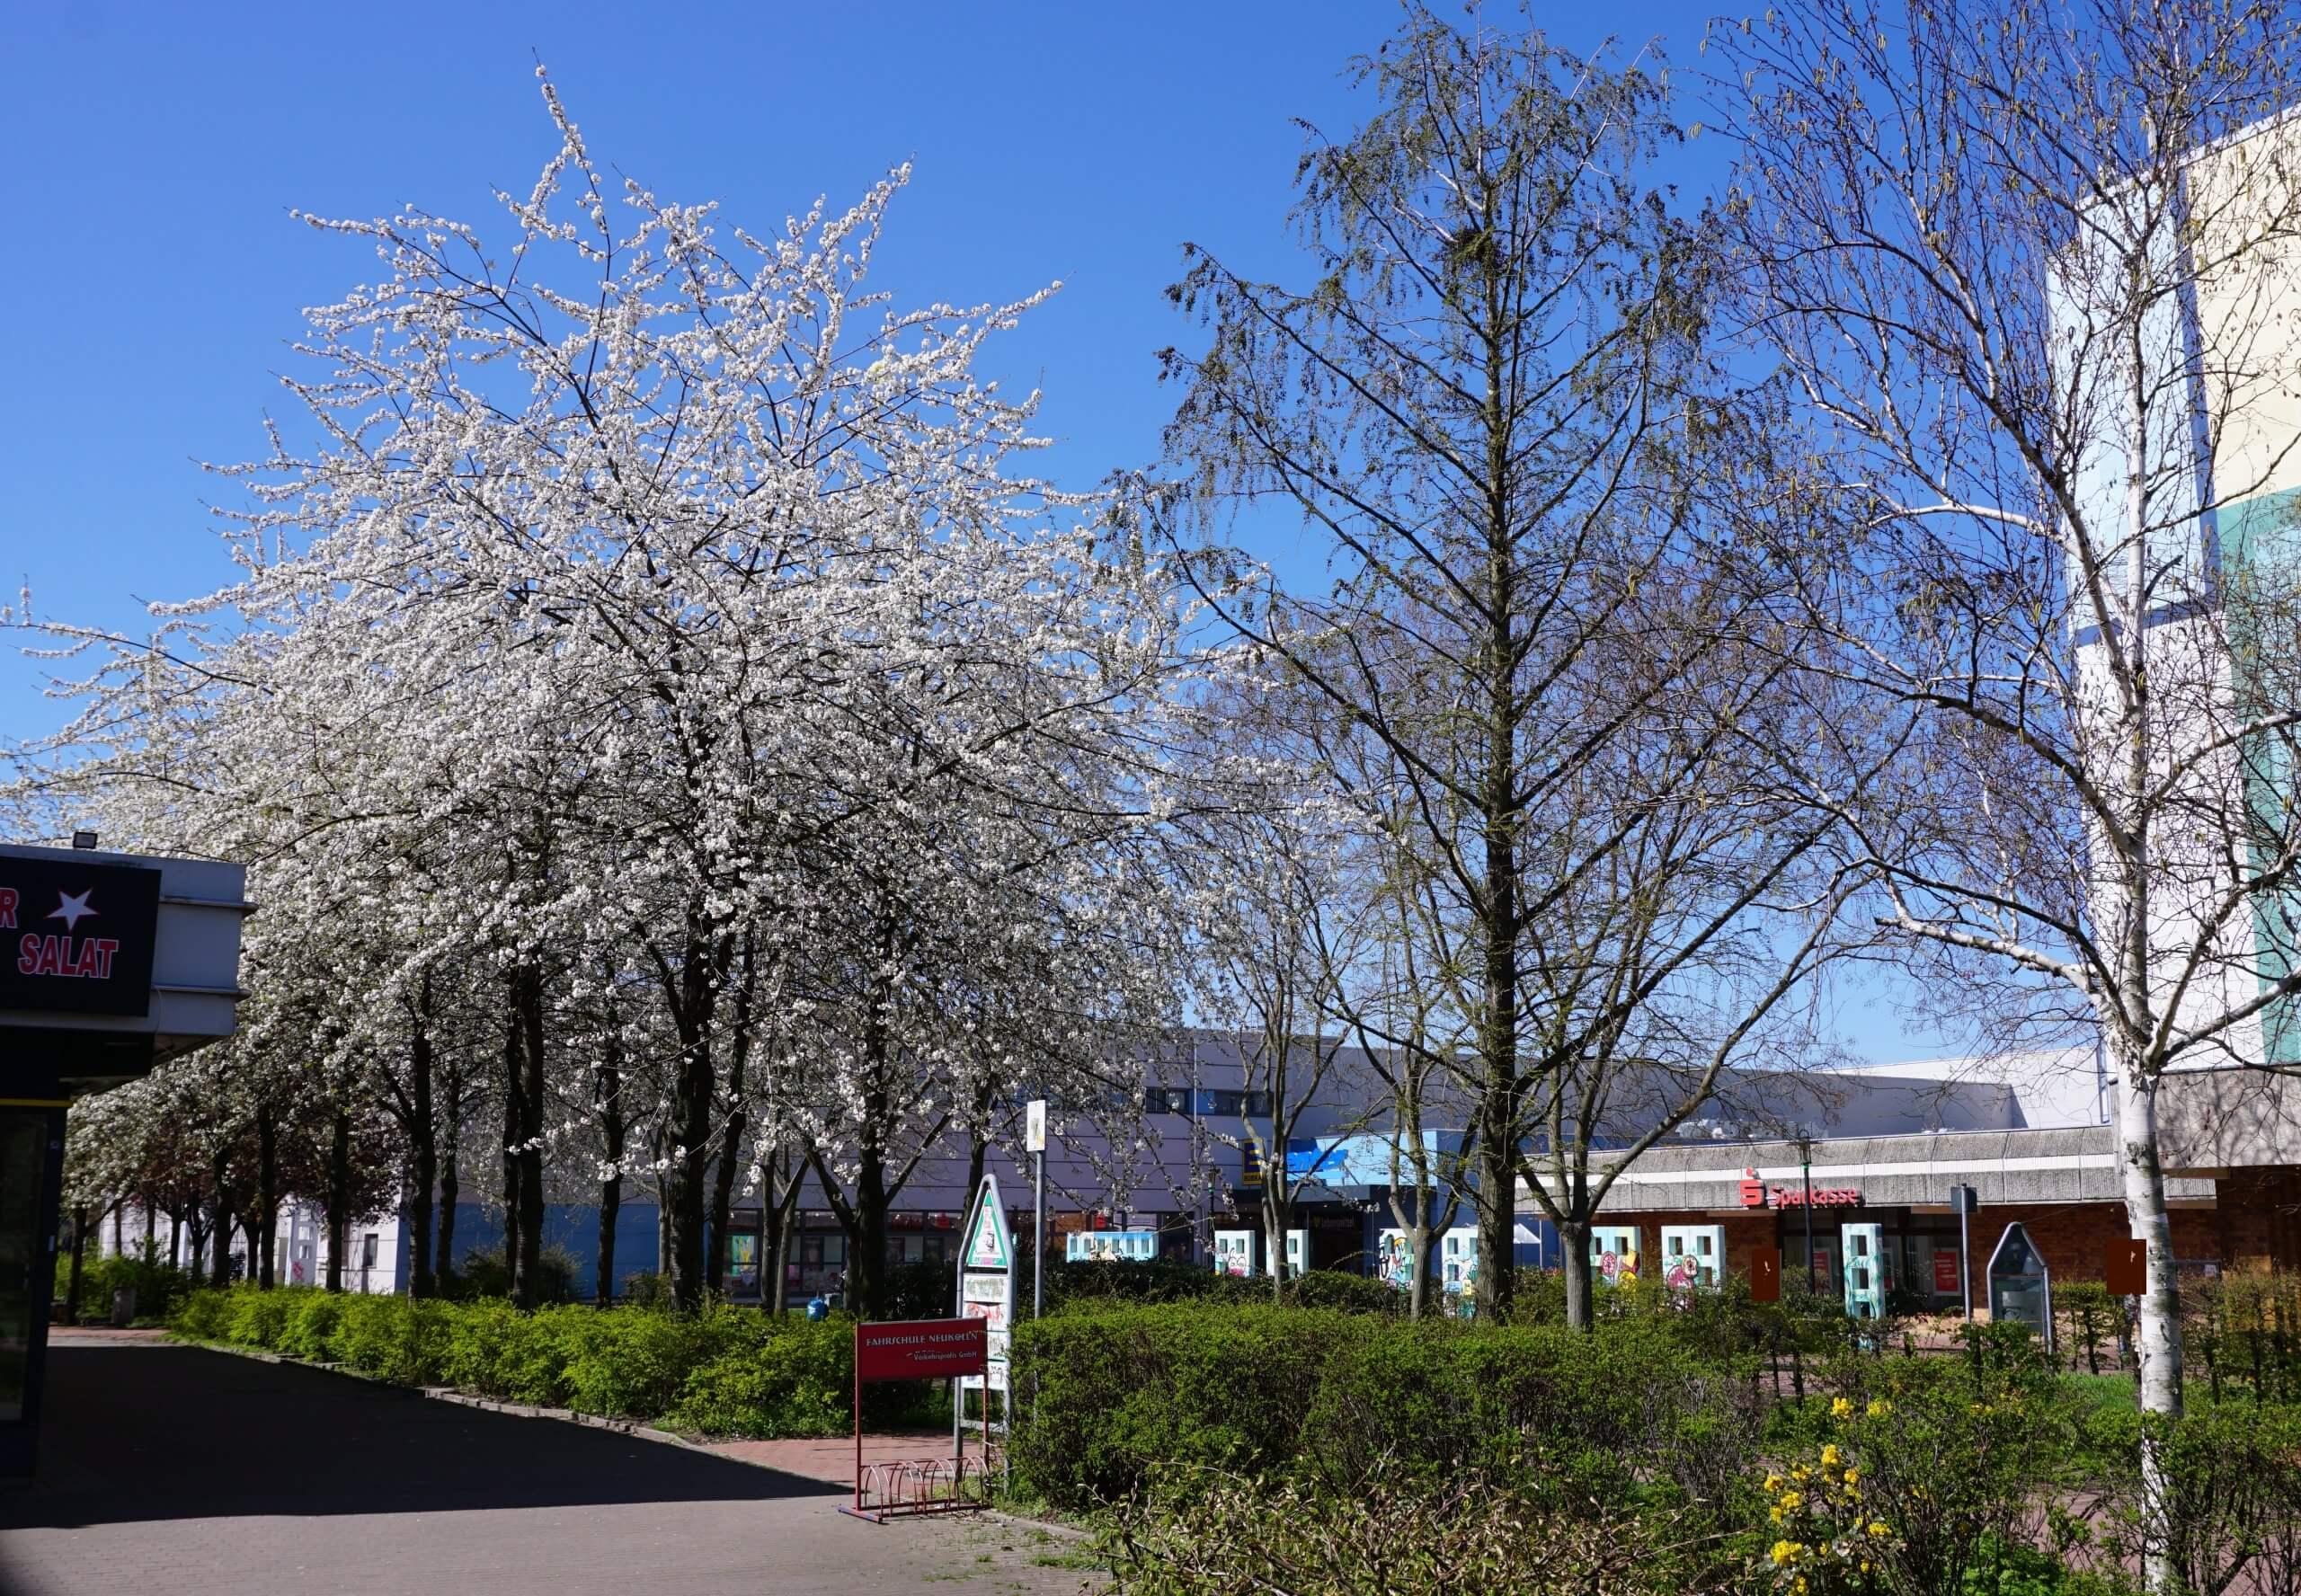 Das Bild zeigt ein Areal mit schneeweiß blühenden Grannenkirschen in der zentralen Ladenpassage des Kosmosviertels, einer Japanischen Zierkirsch-Sorte mit gefüllten Blüten. Hier zur Blütezeit Anfang Mai 2021.